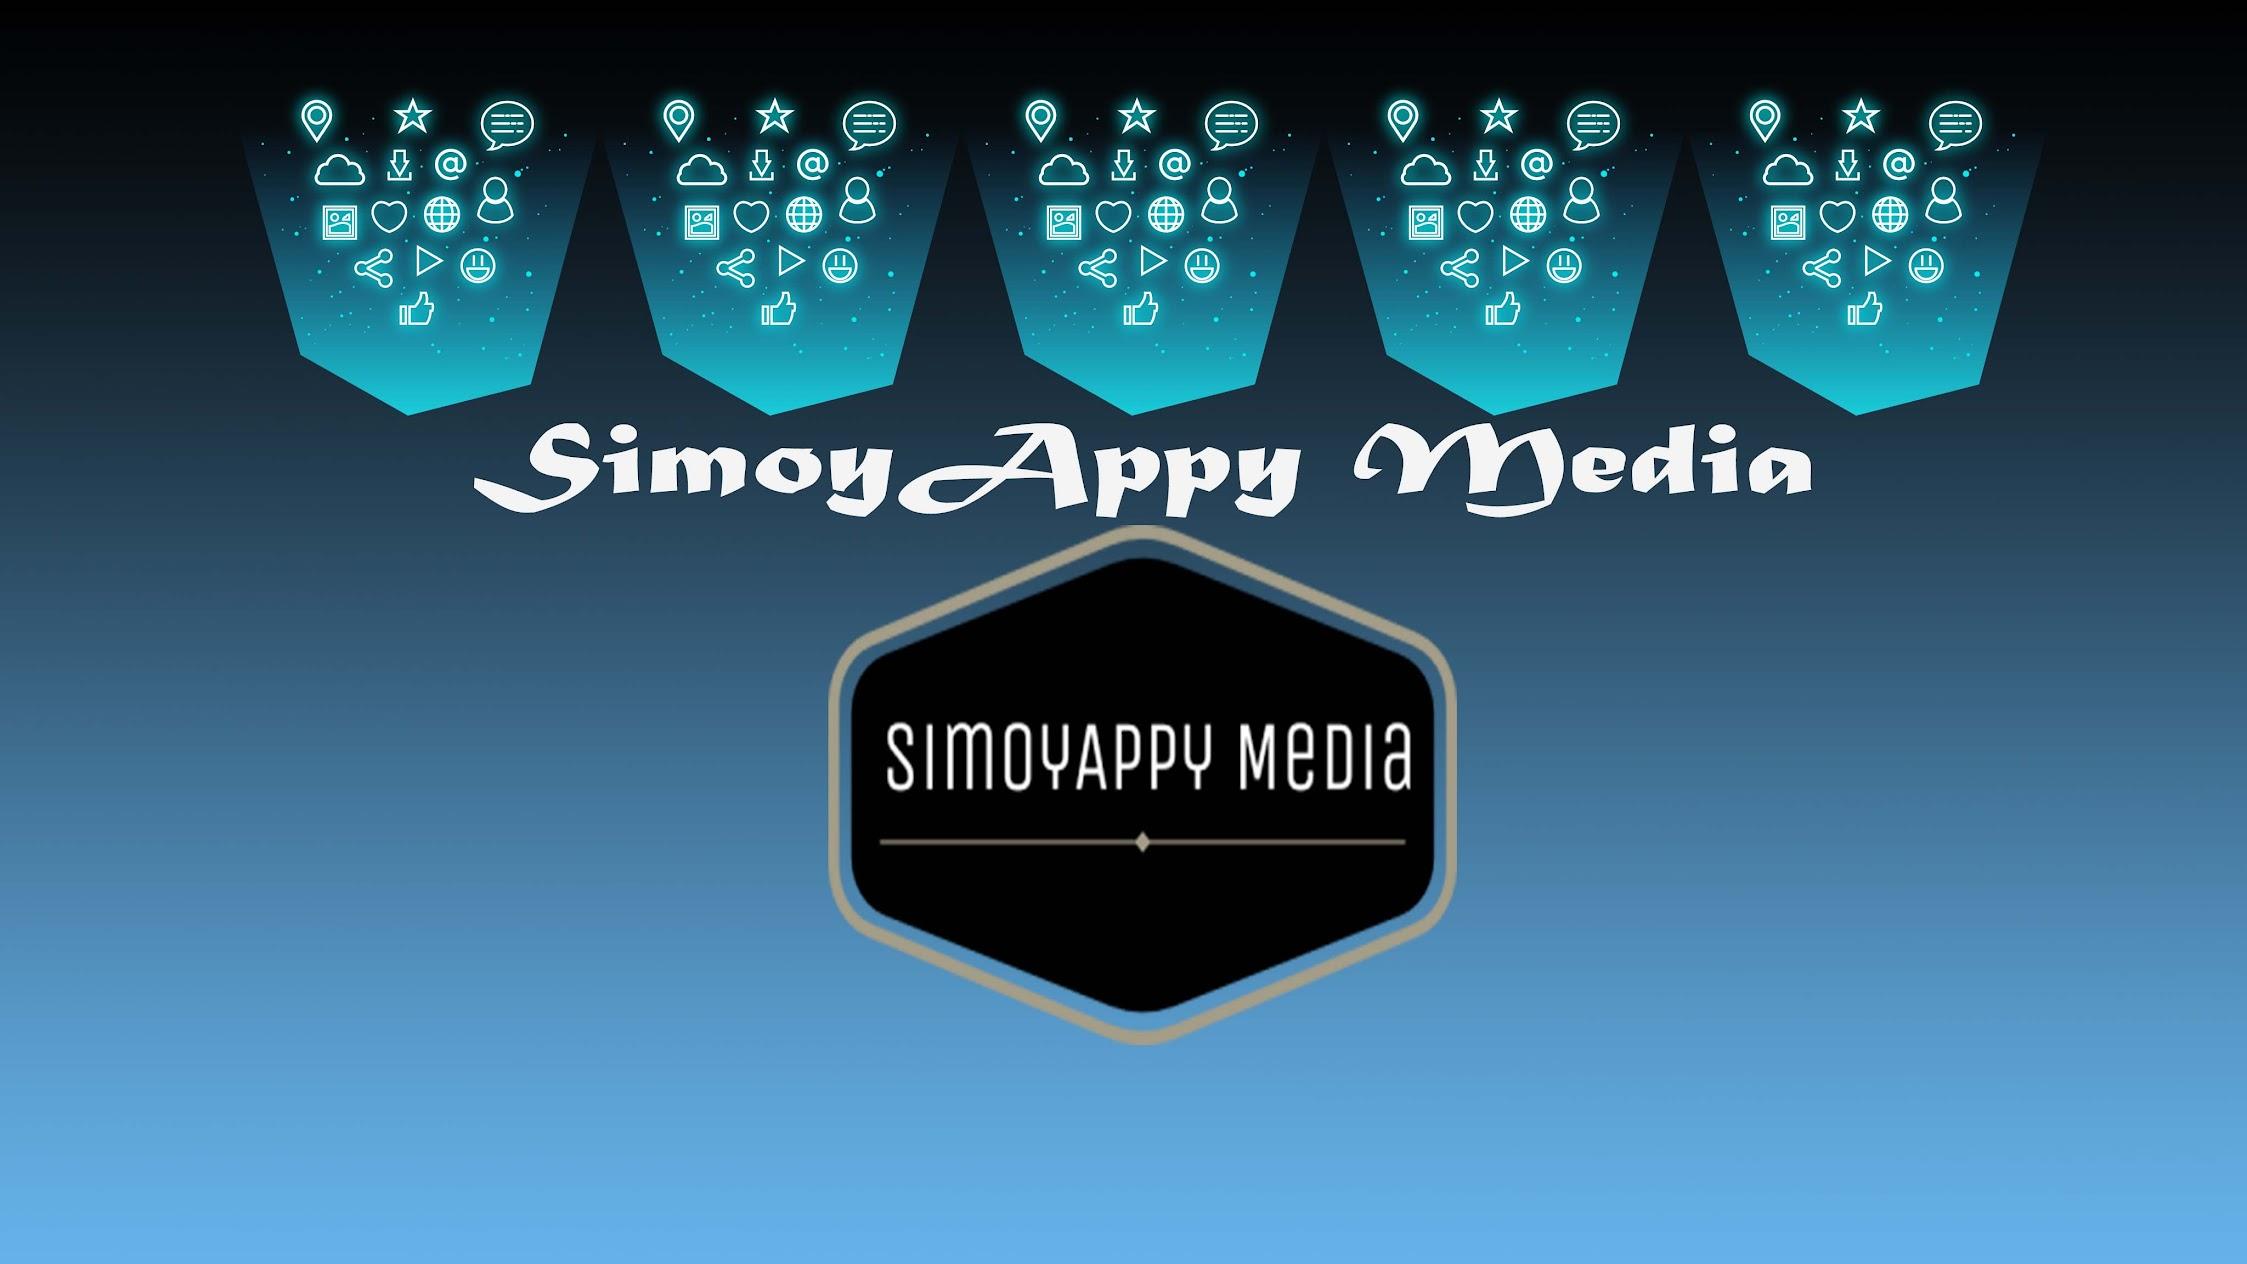 SimoyAppy Media